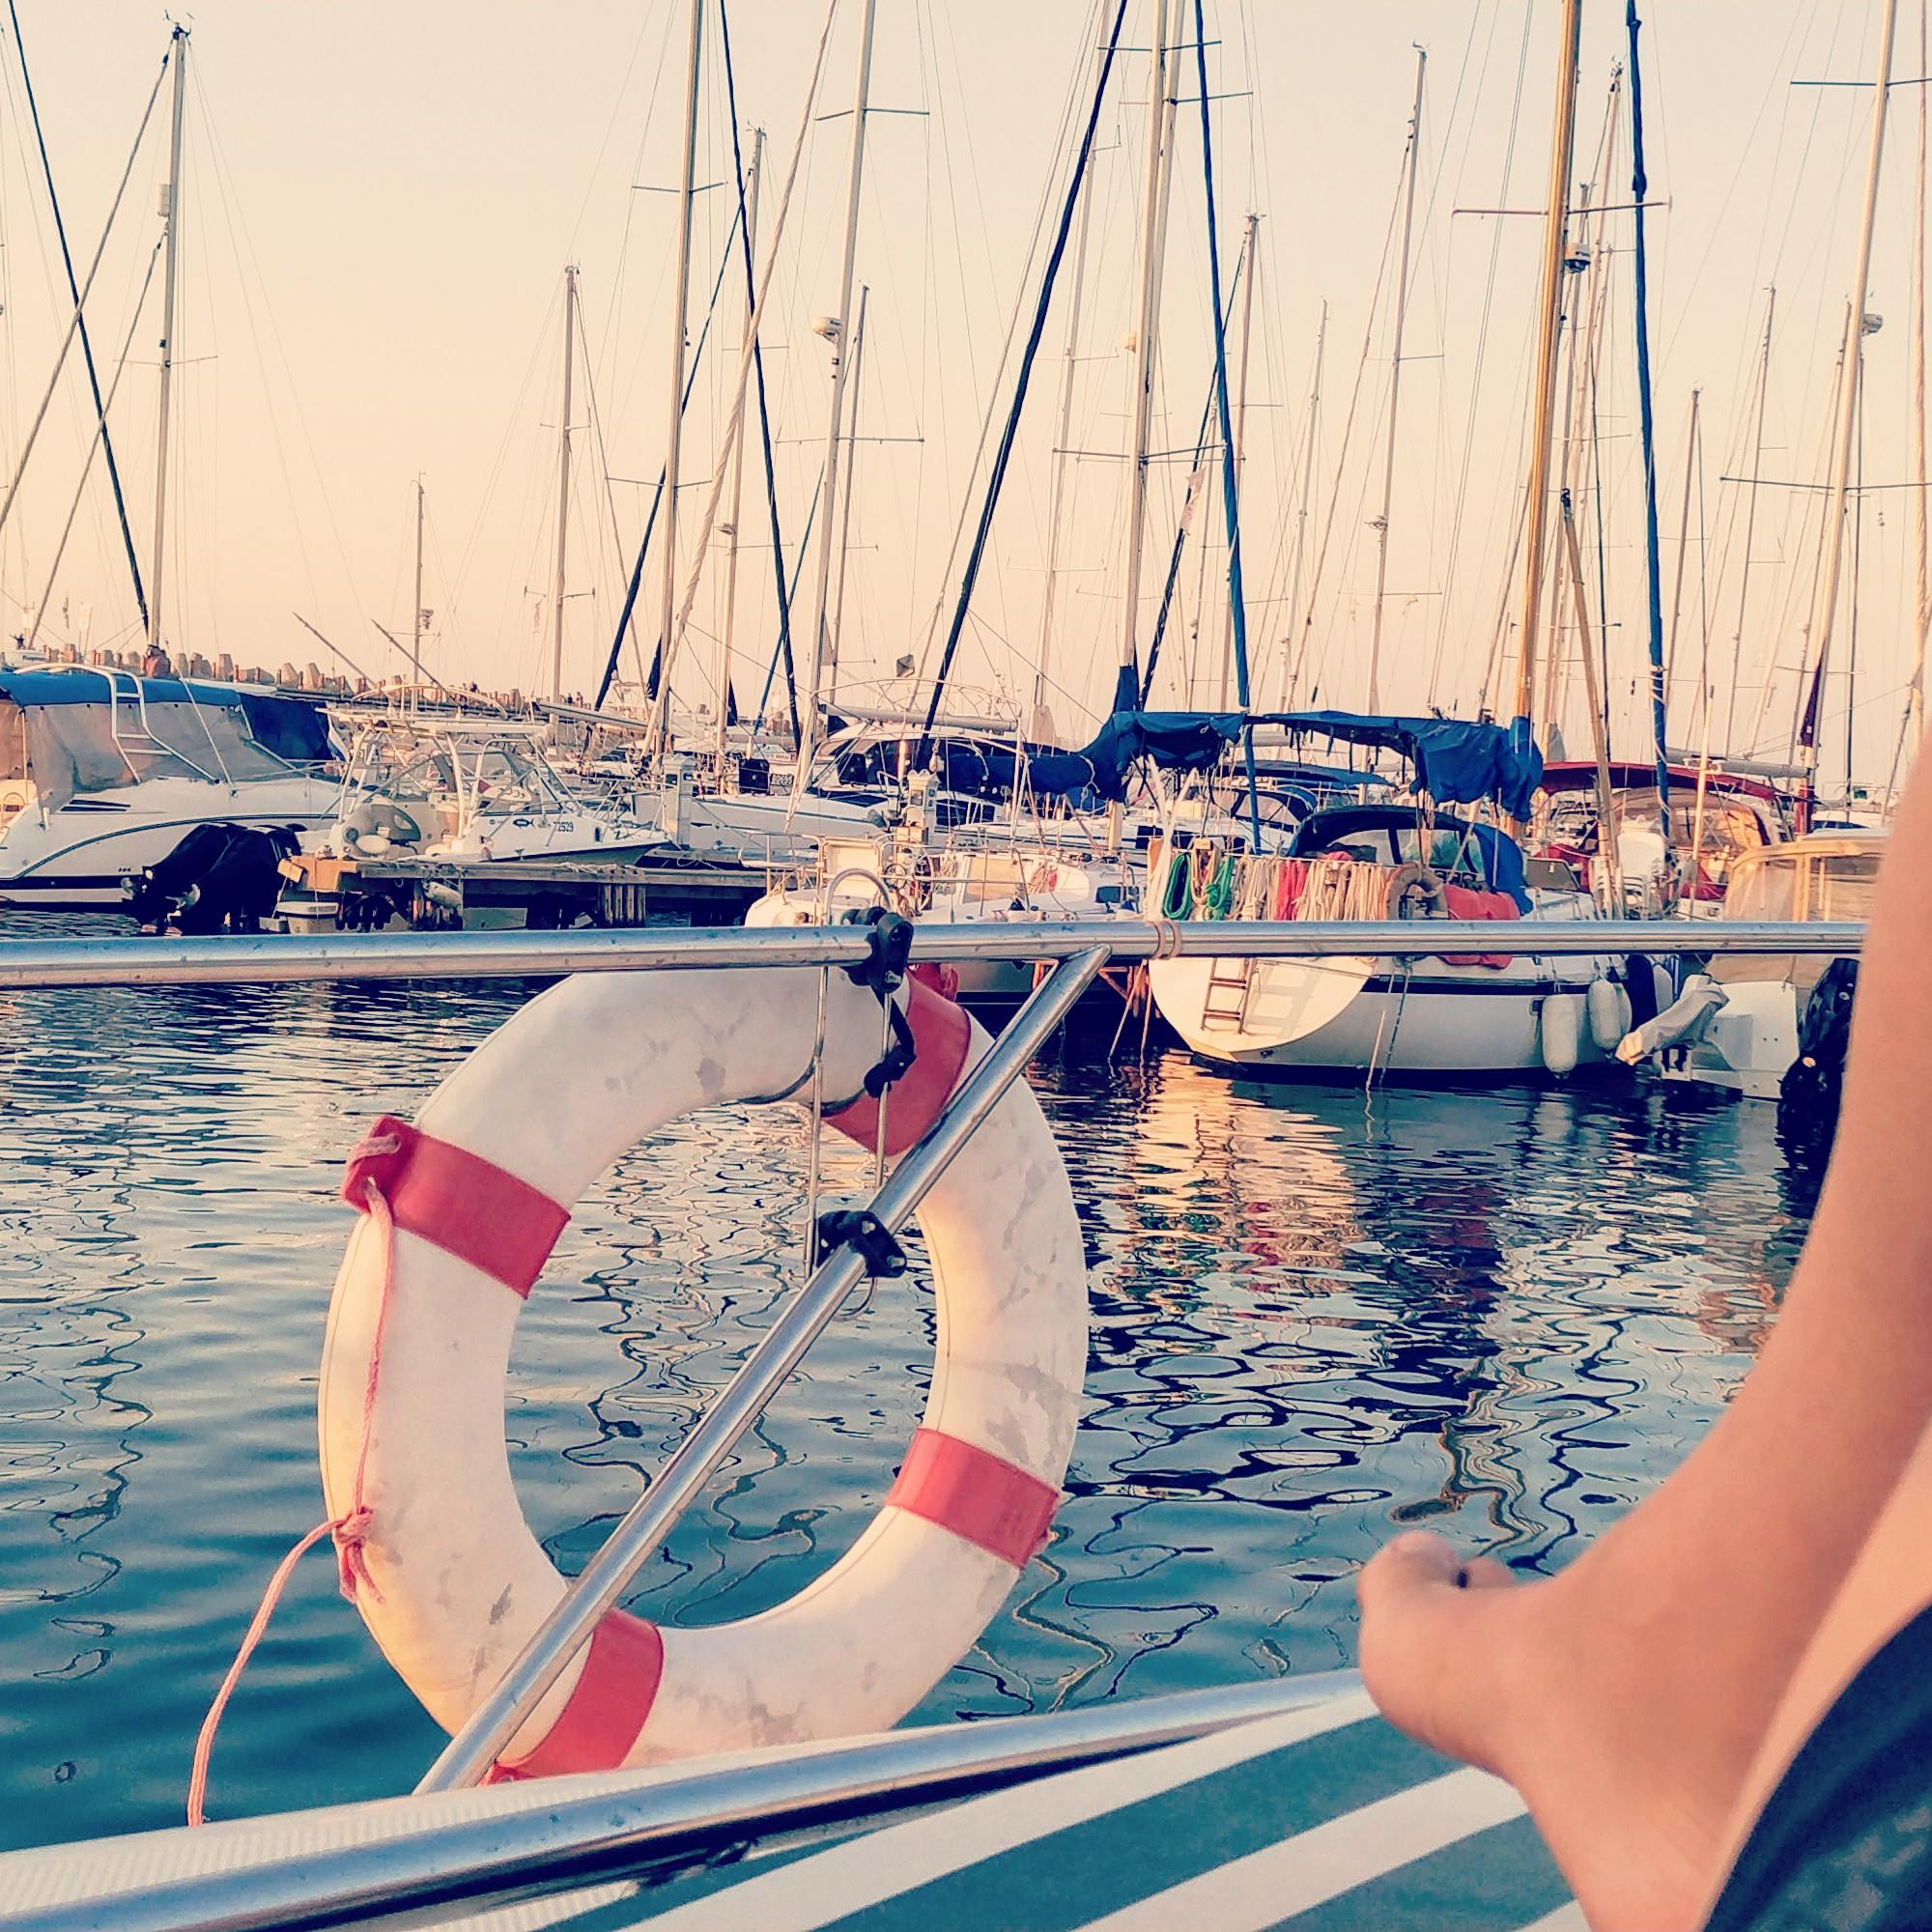 הנוף של המרינה מחרטום הסירה של יובל